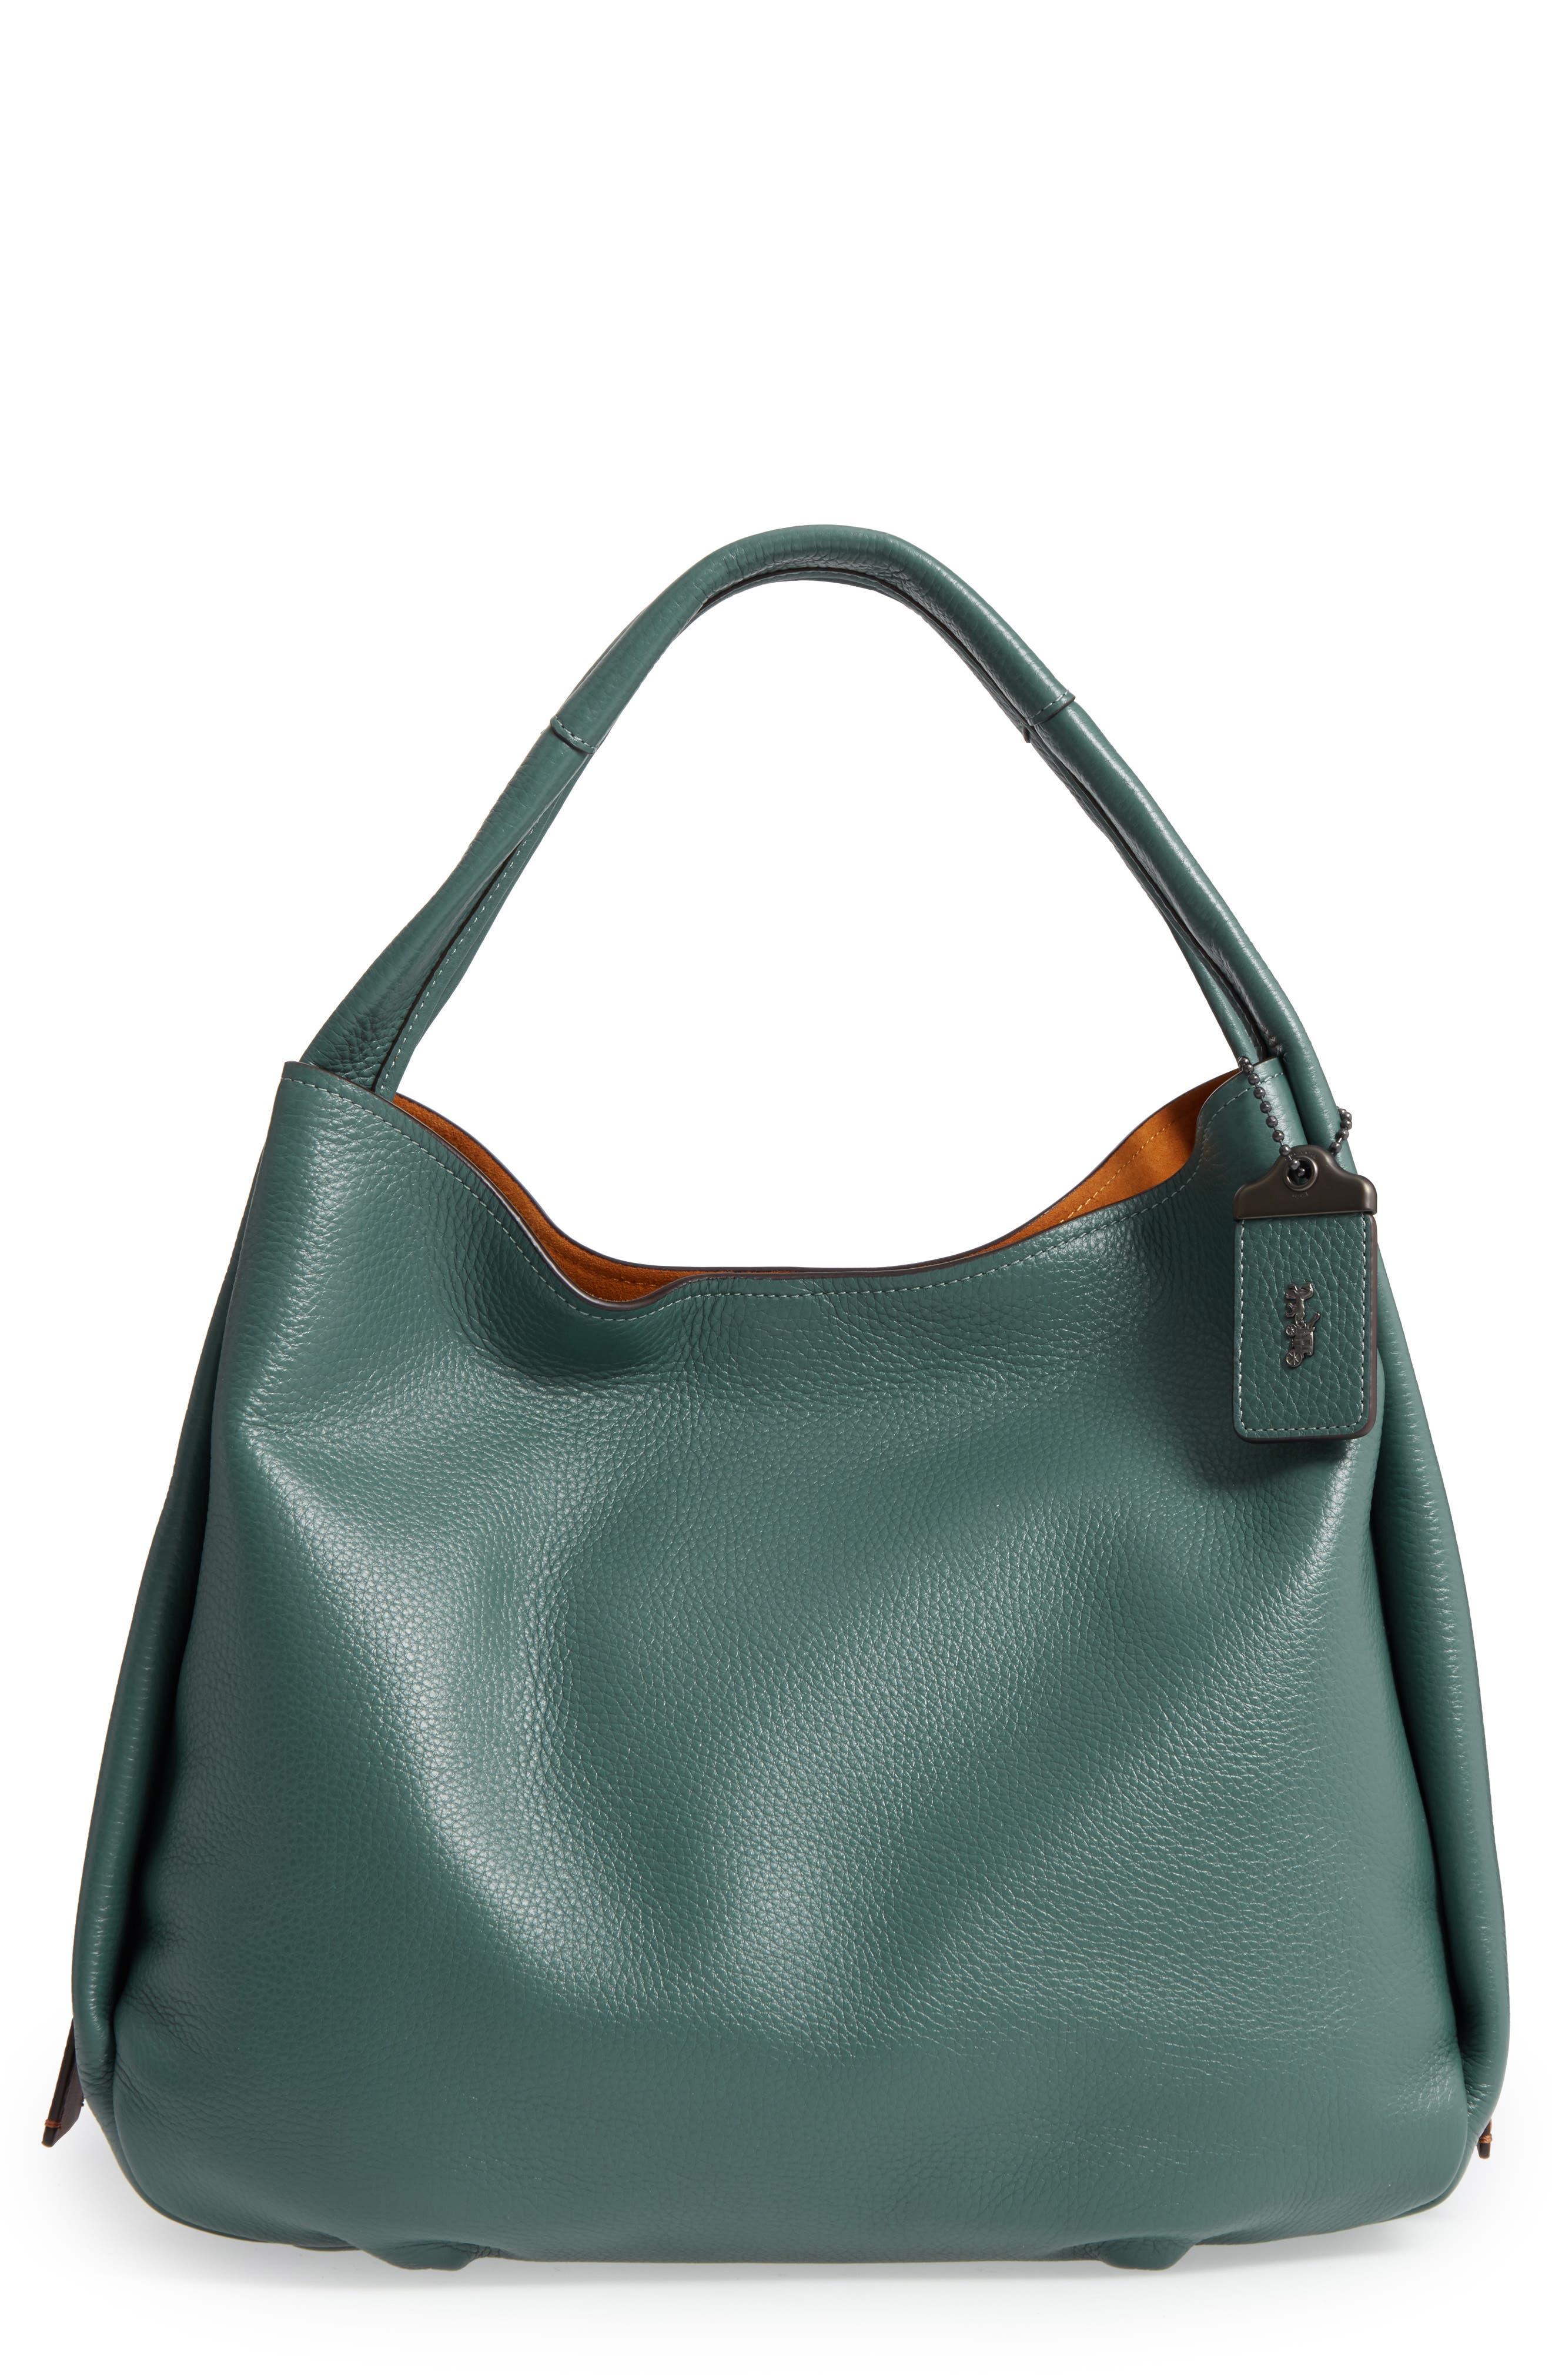 Bandit Leather Hobo & Removable Shoulder Bag,                         Main,                         color, 313